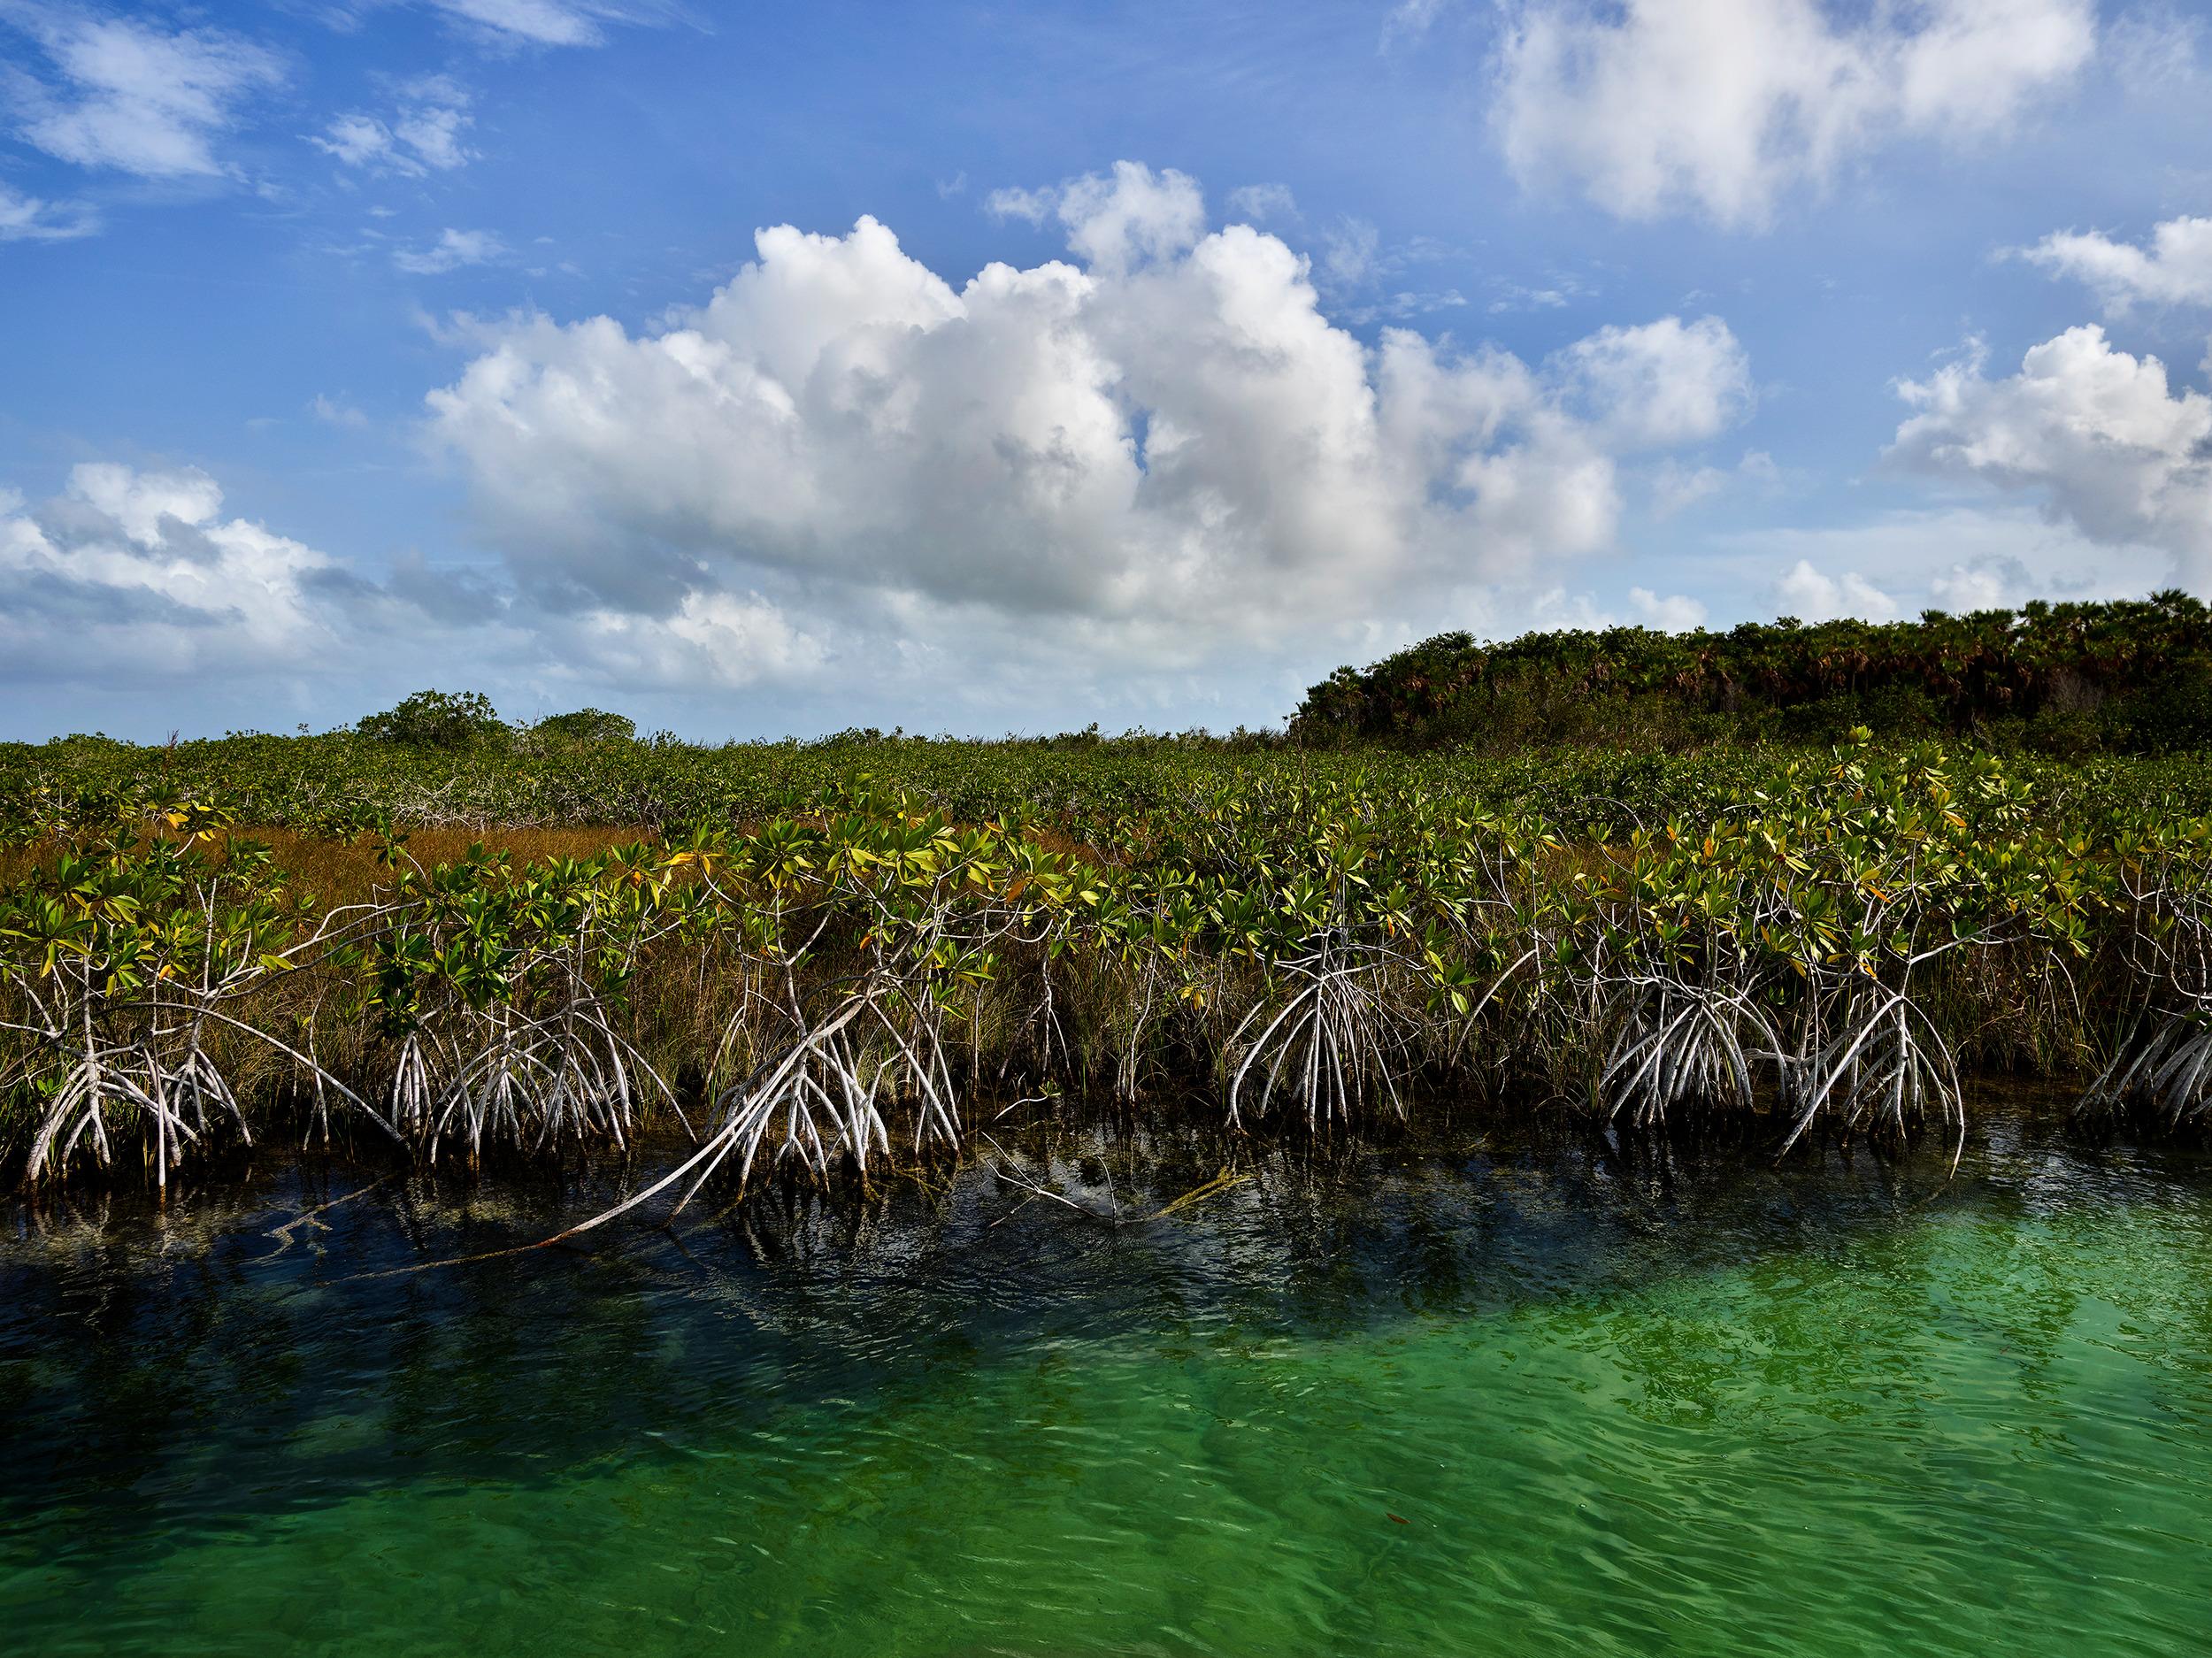 Dwarf Mangroves, Laguna Campeche (2018)